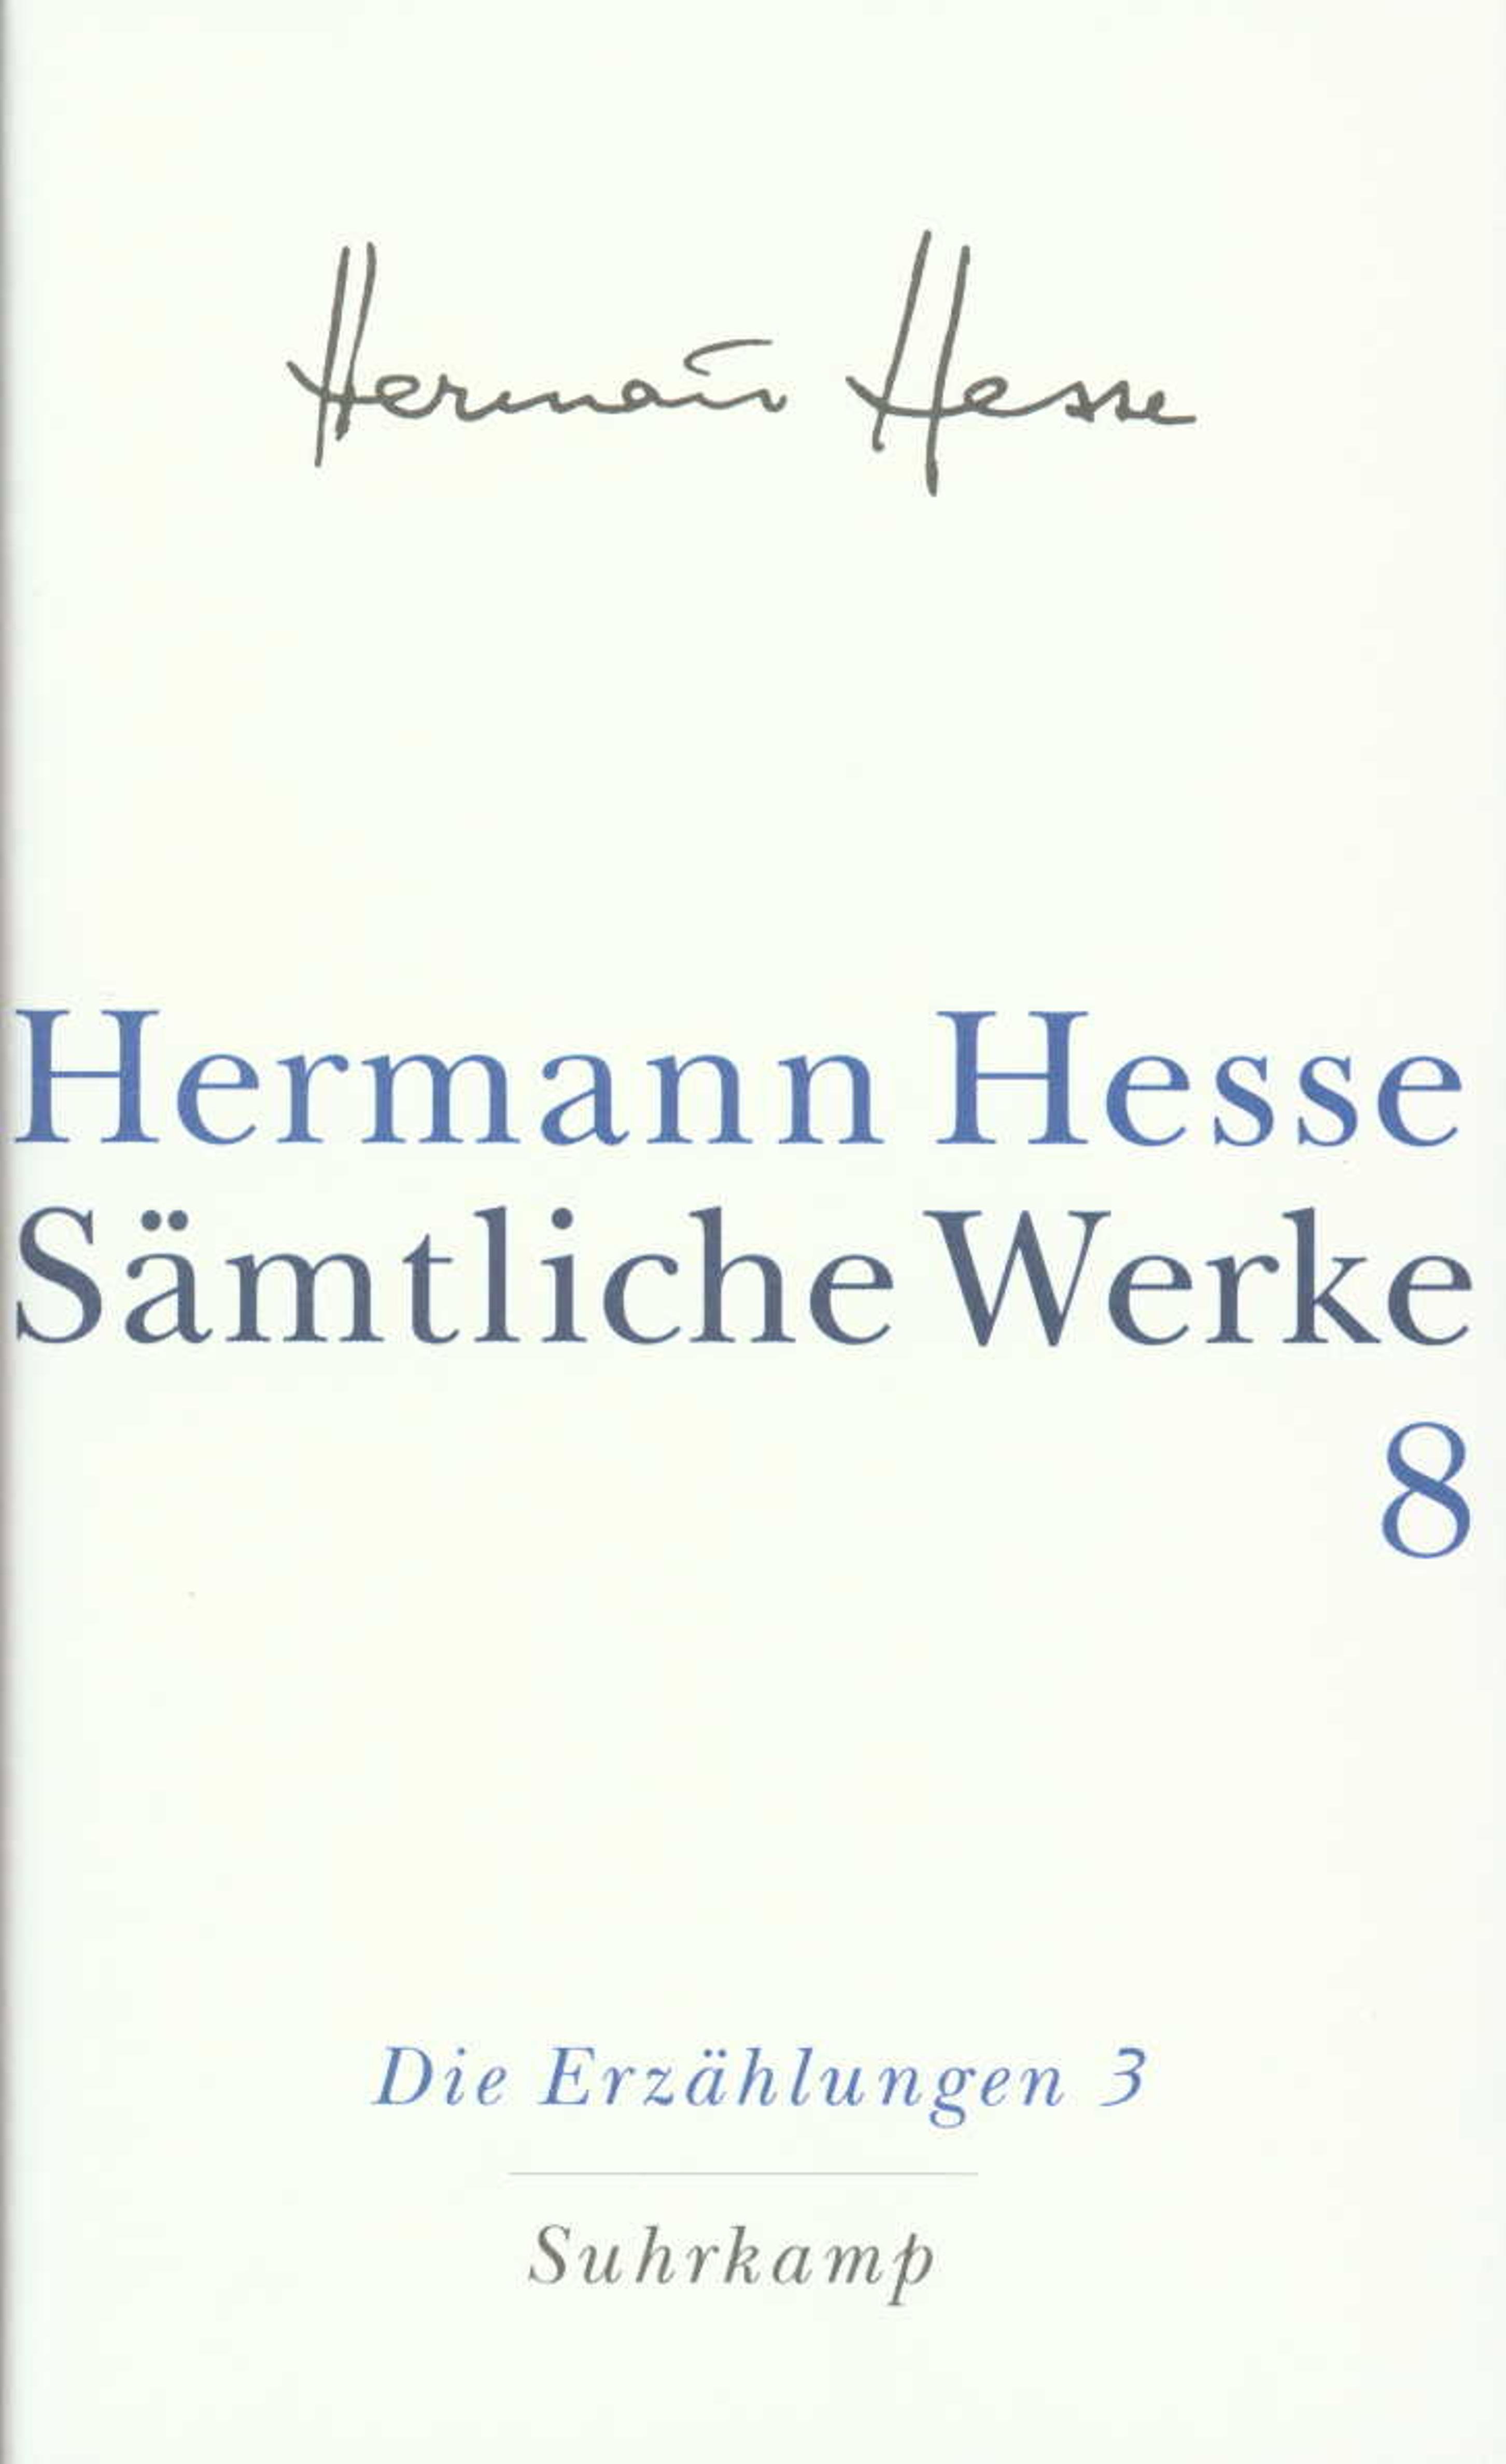 Die Erzählungen 3 Band 8: Die Erzählungen 3. 1911-1954 Hermann Hesse Buch 2001